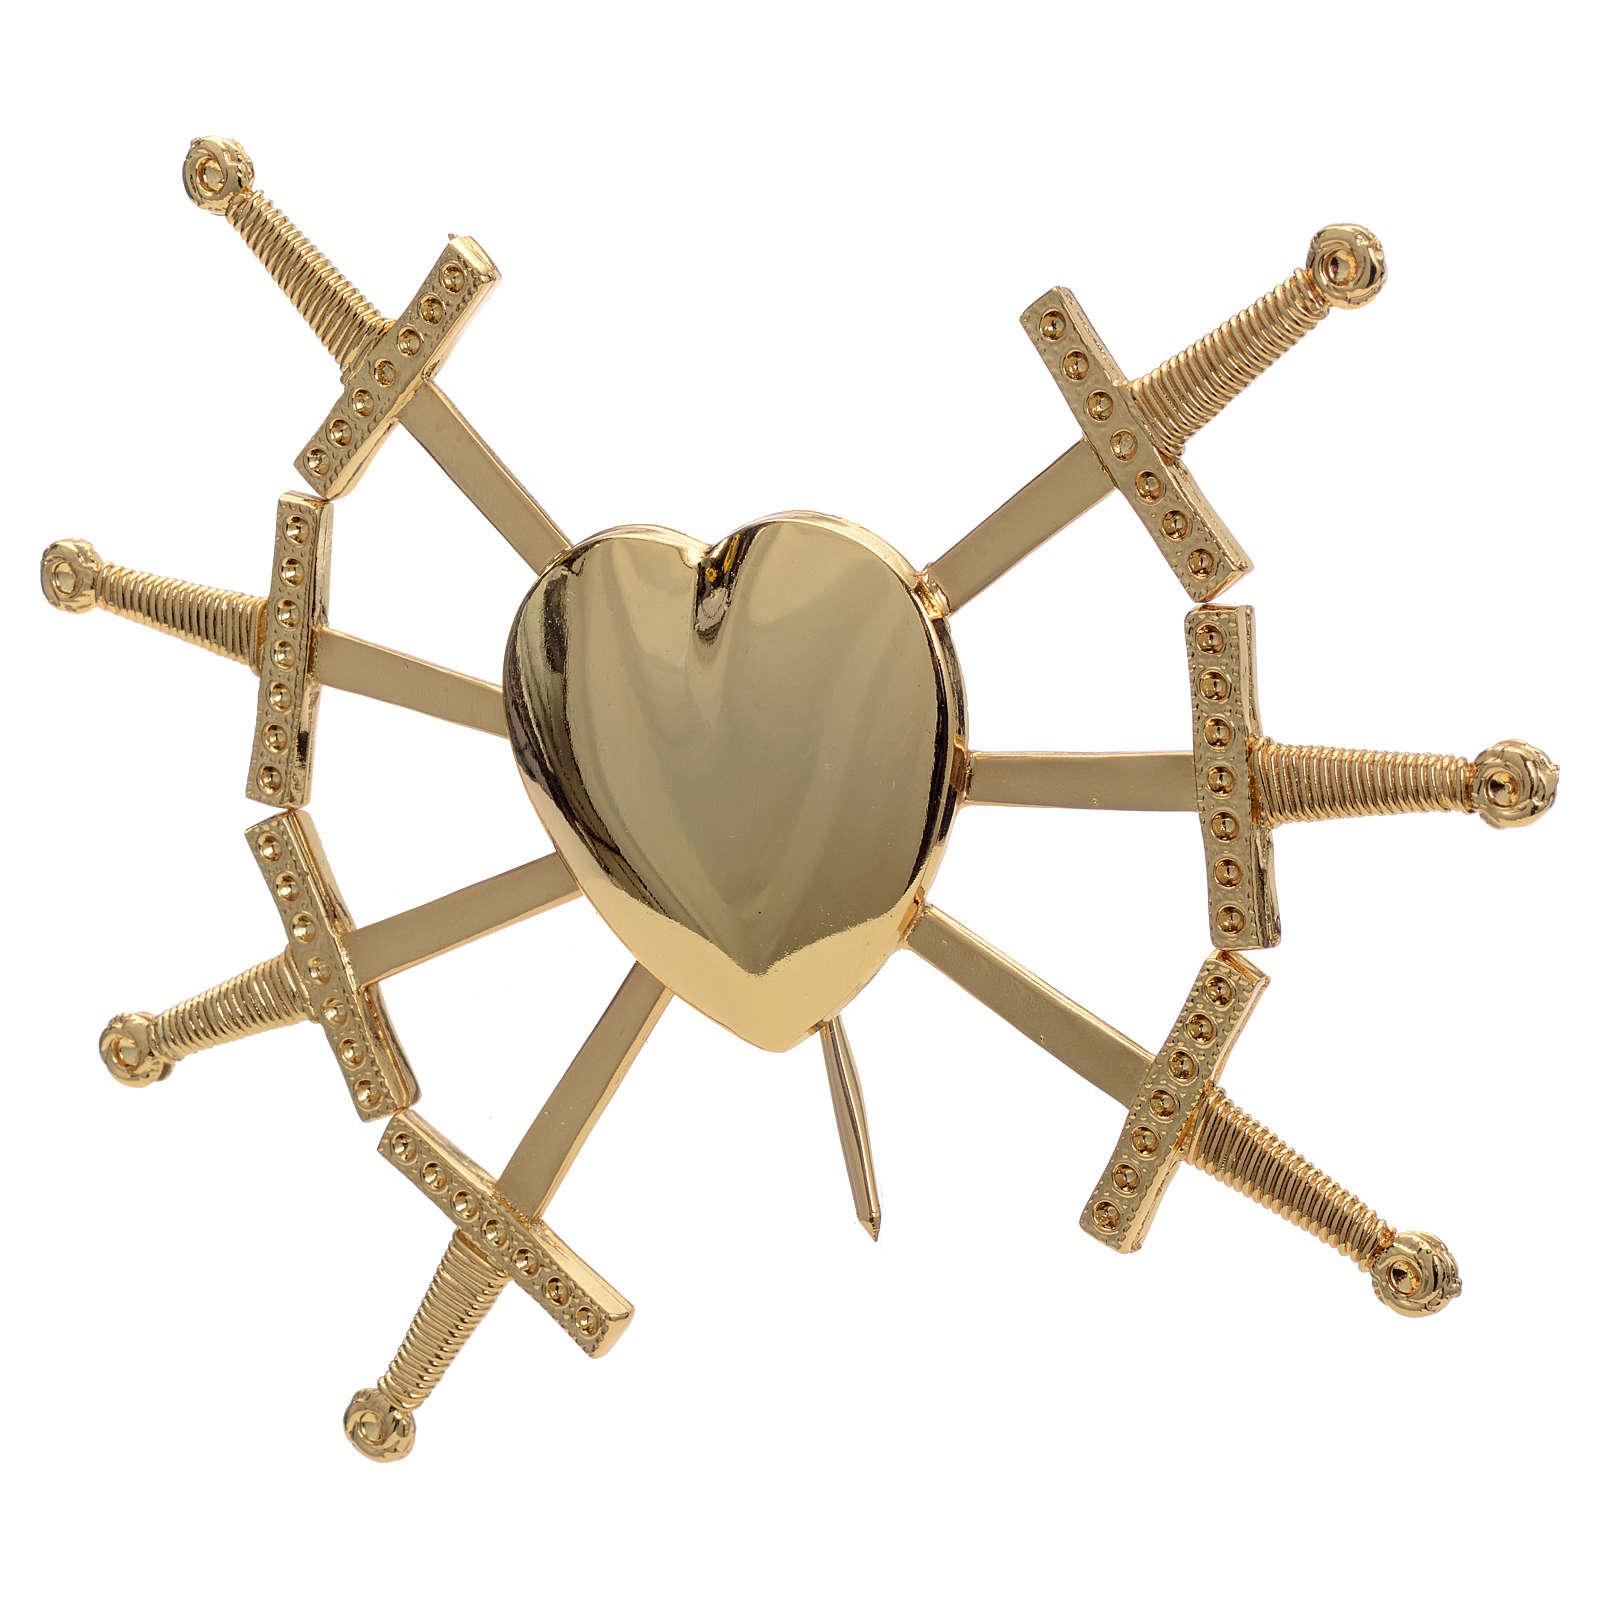 Cuore con 7 spade ottone dorato 16 cm 3